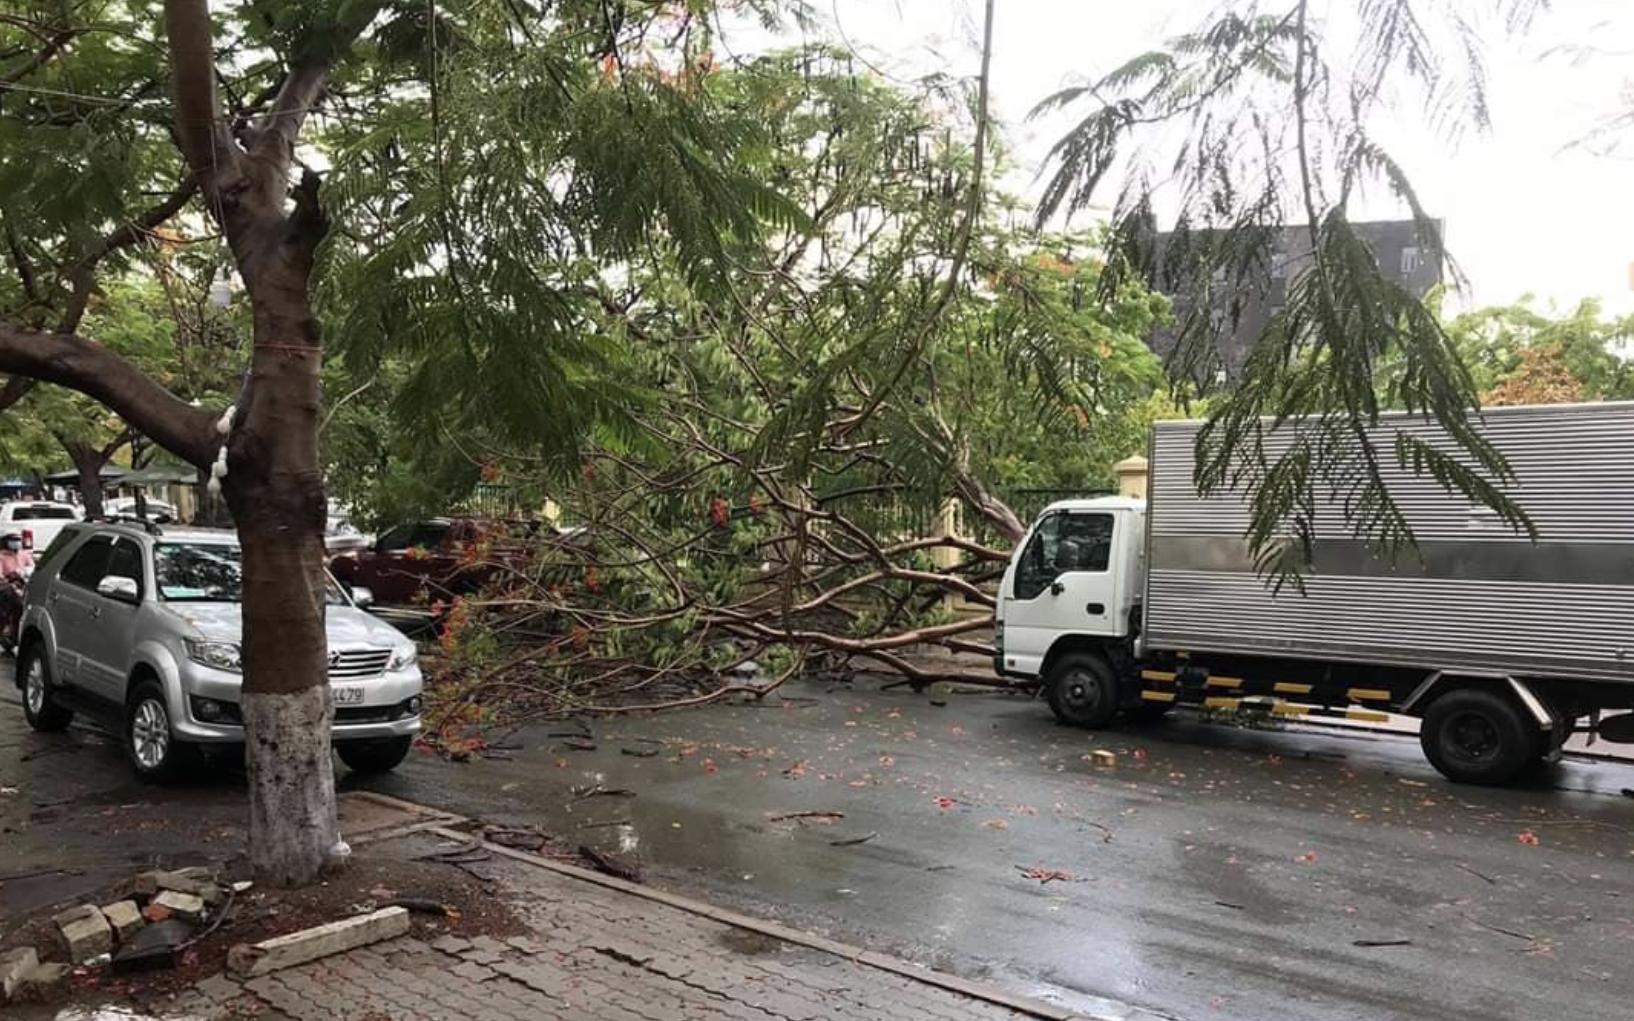 TP.HCM: Thêm một cây phượng bật gốc đè trúng xe tải sau cơn mưa lớn khiến nhiều người hú vía